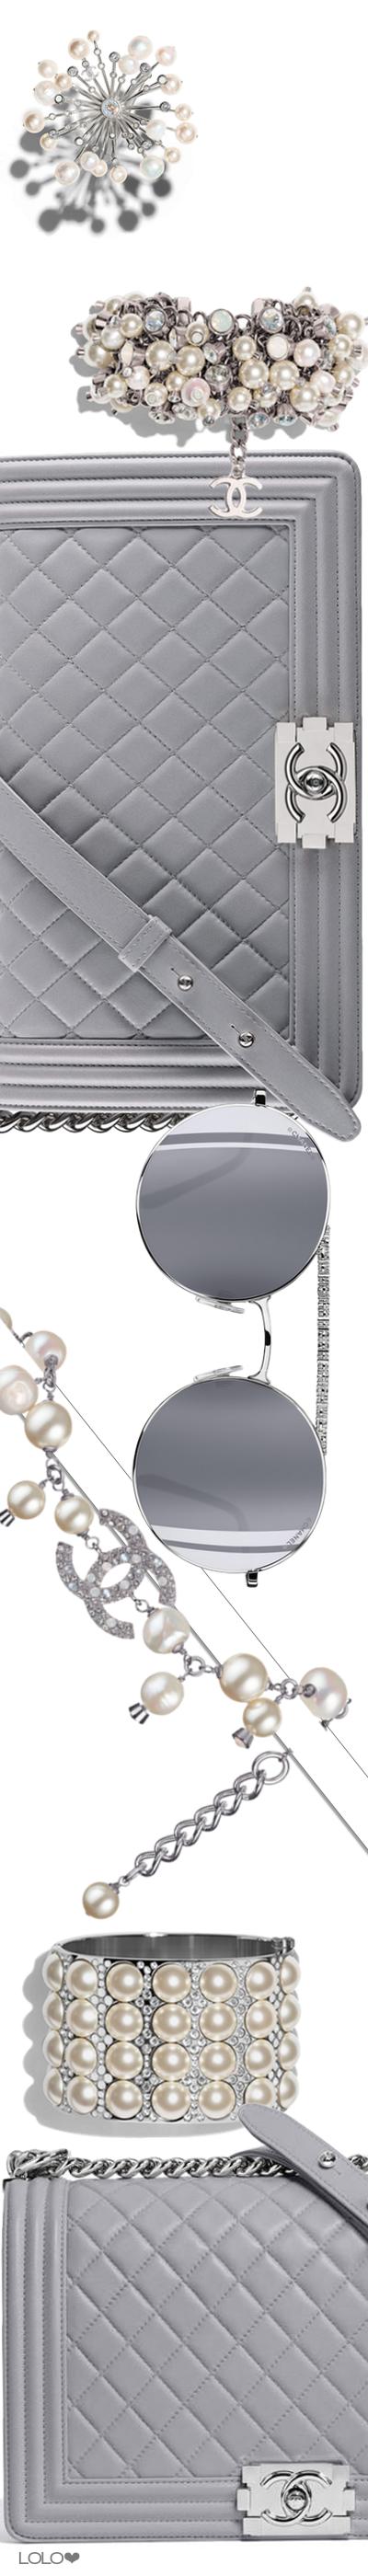 a937914e915 Chanel Fall Winter 2017 2018 Accessories Grey Purses